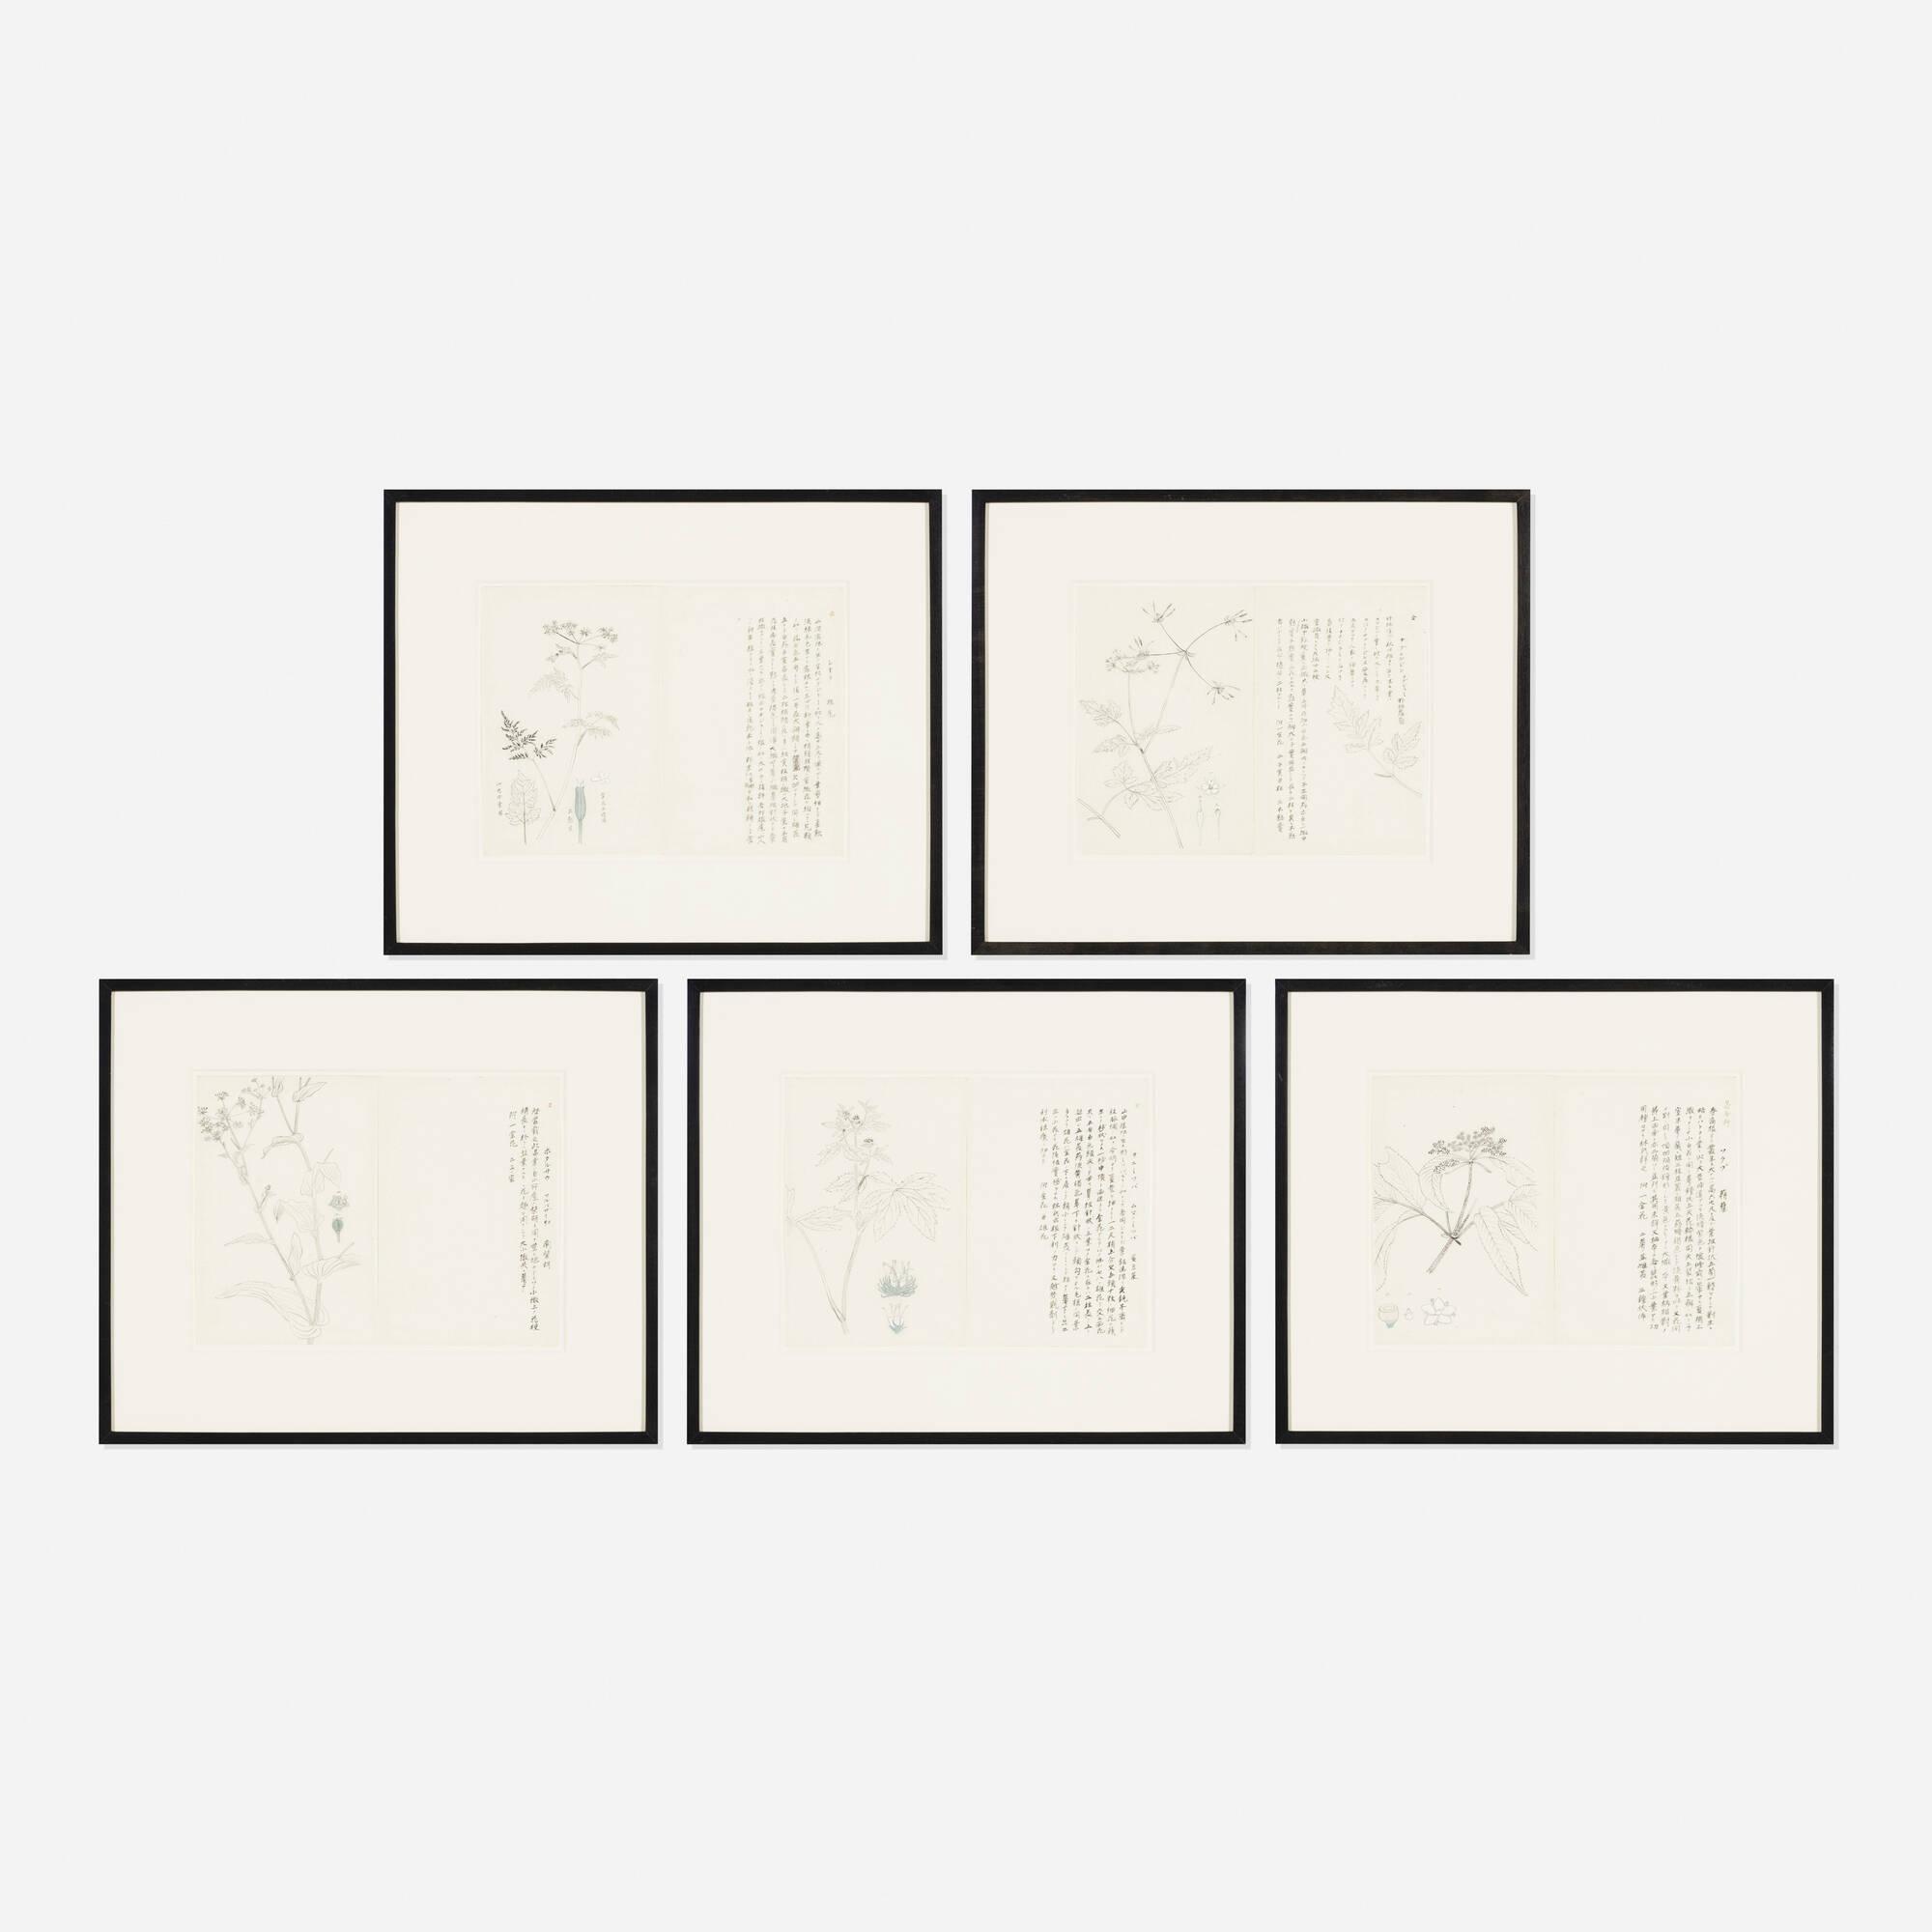 130: Japanese / botanical prints, set of six (1 of 3)